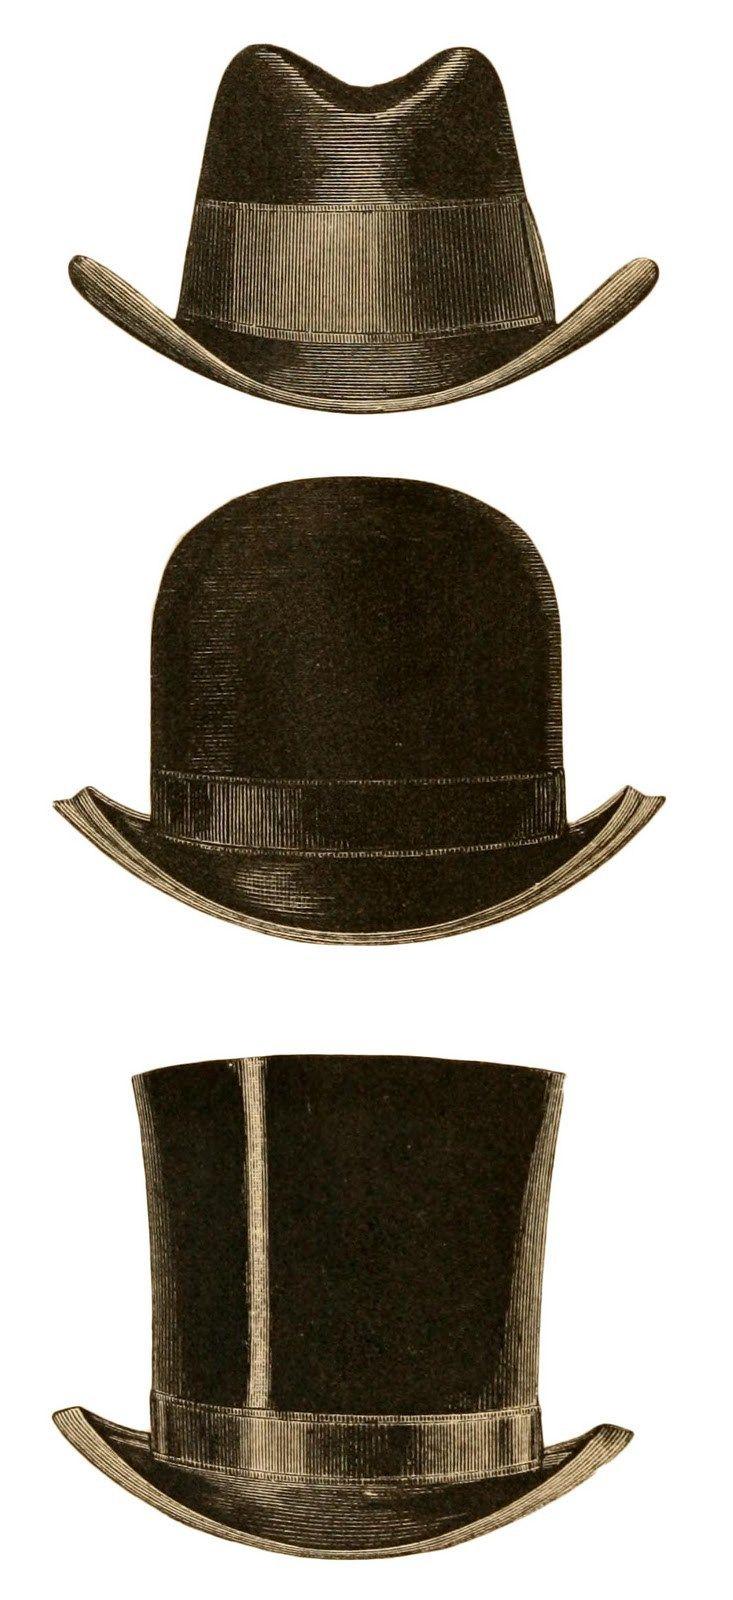 0ddc5c5d8e7 Men s hats